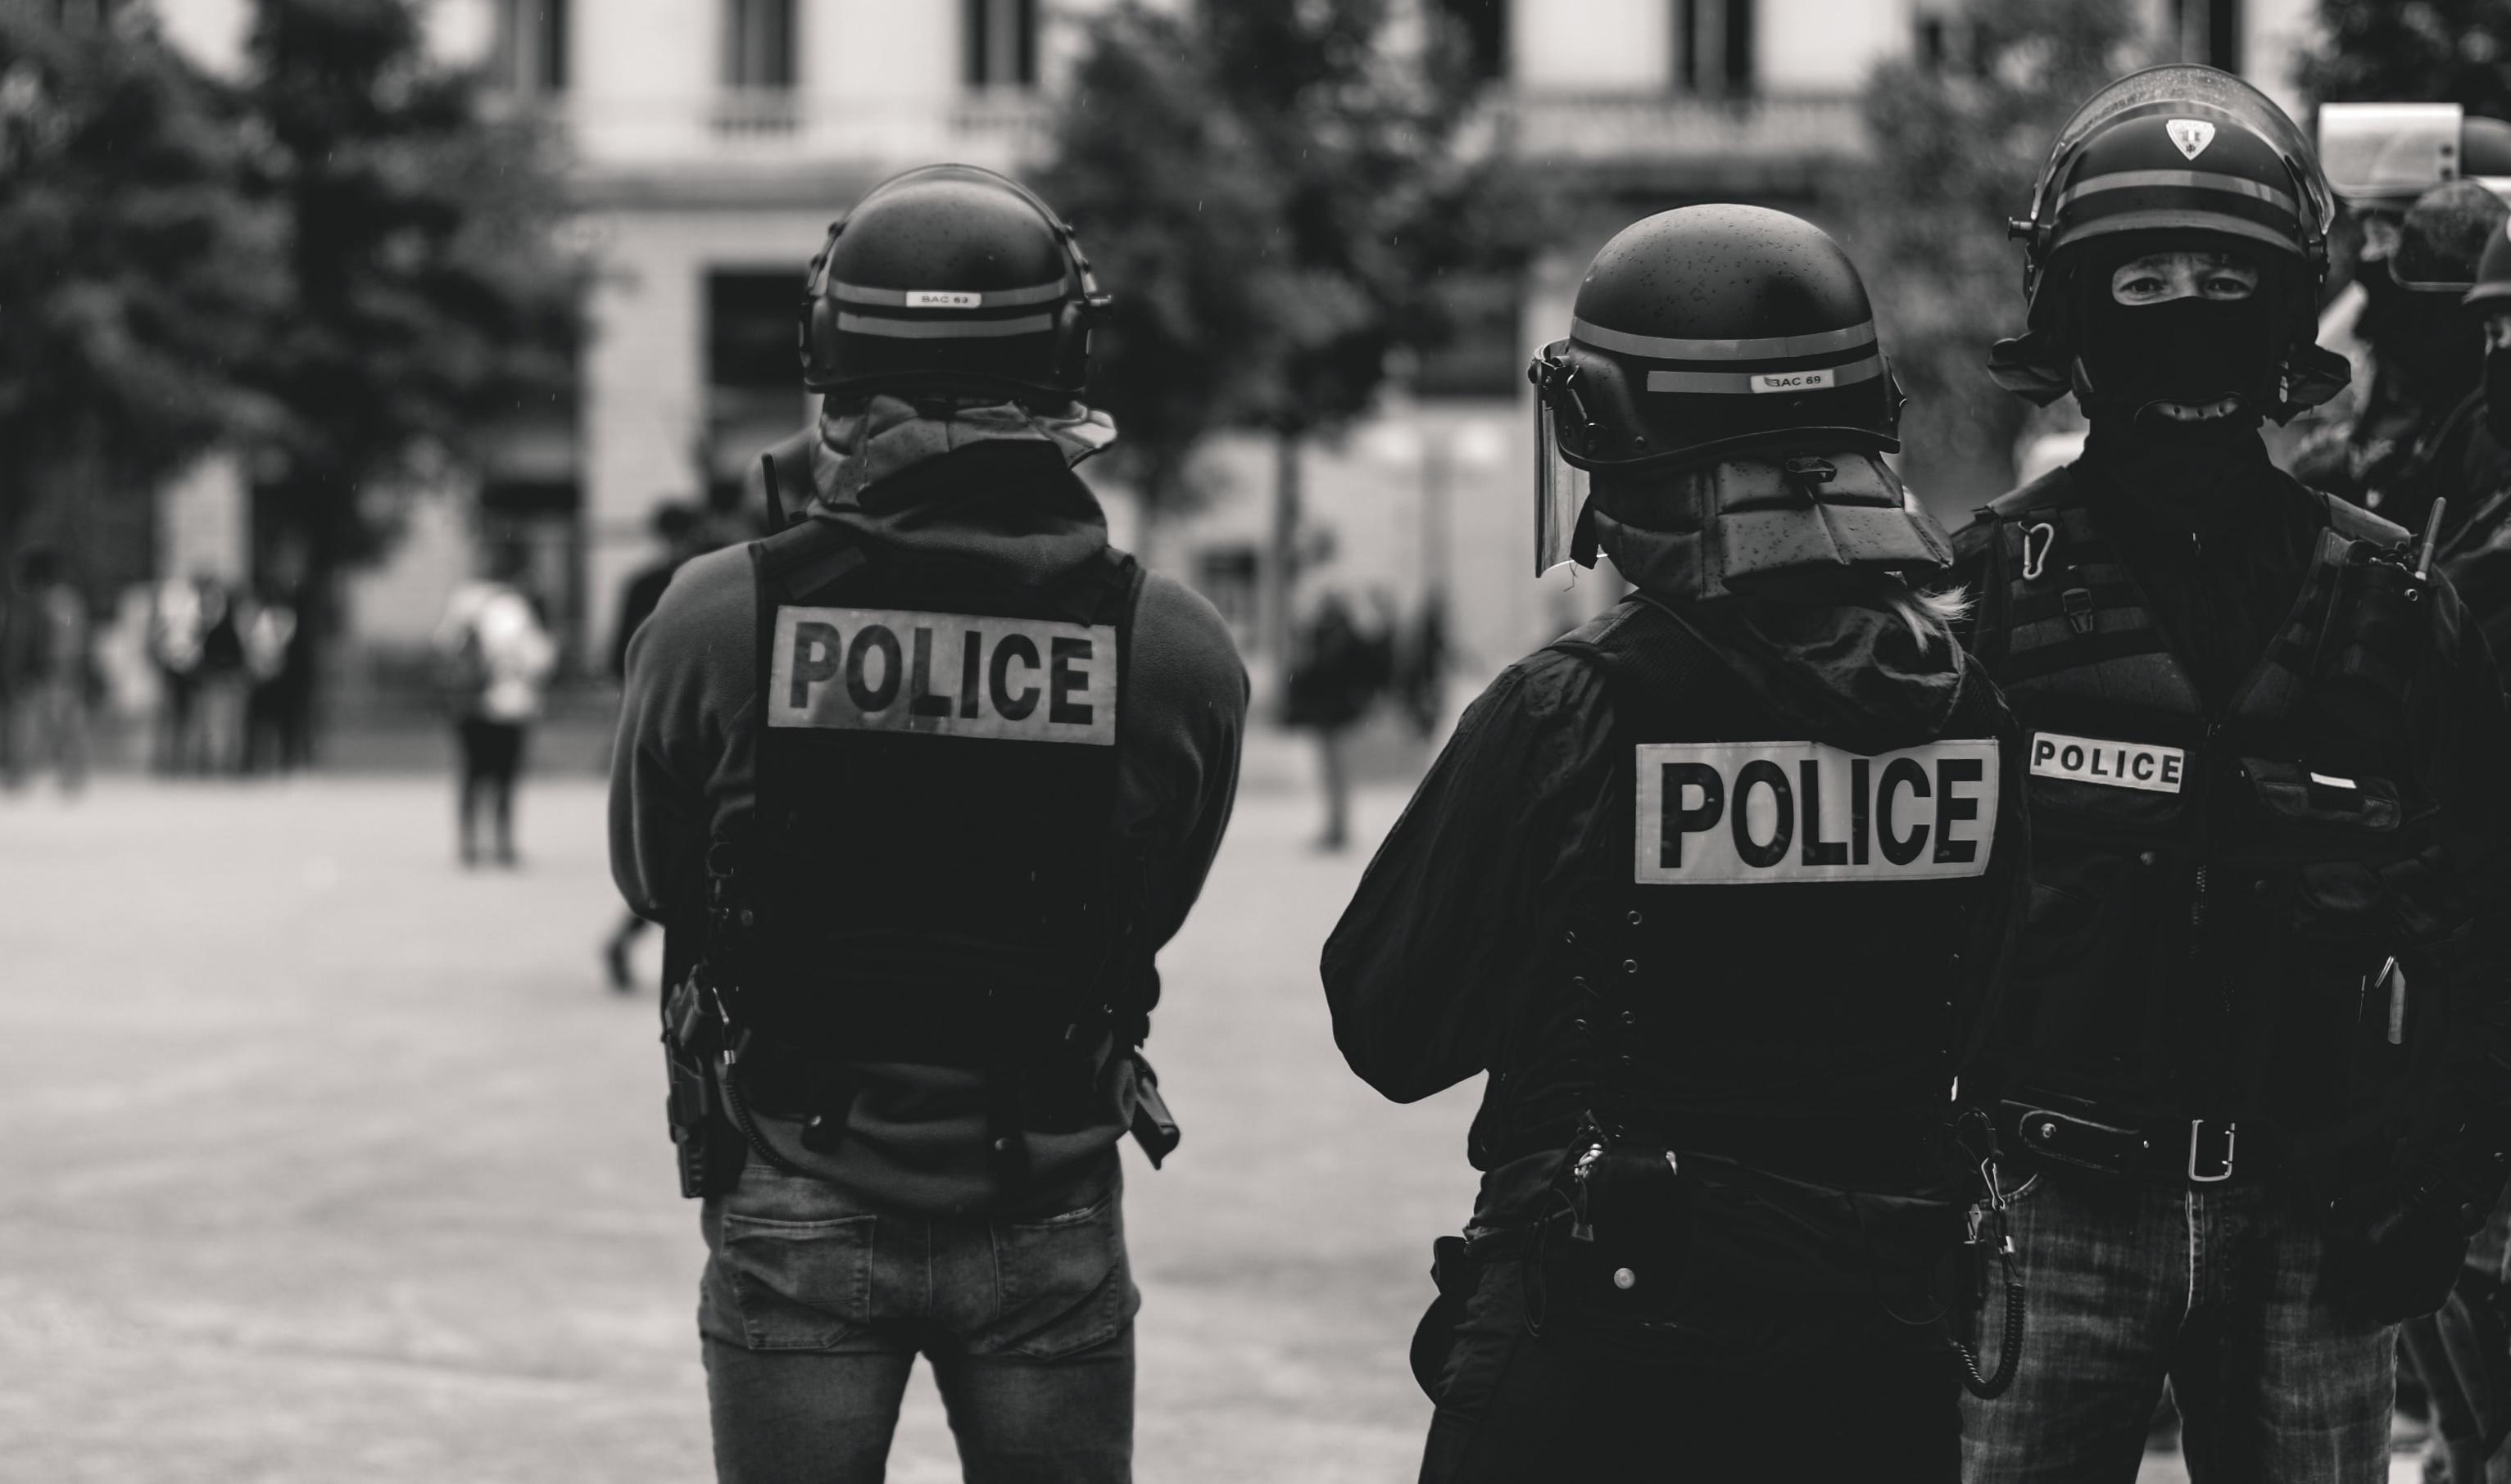 Απόβαση της ΕΛΑΣ στο κέντρο – Εντολή Χρυσοχοΐδη για συλλήψεις